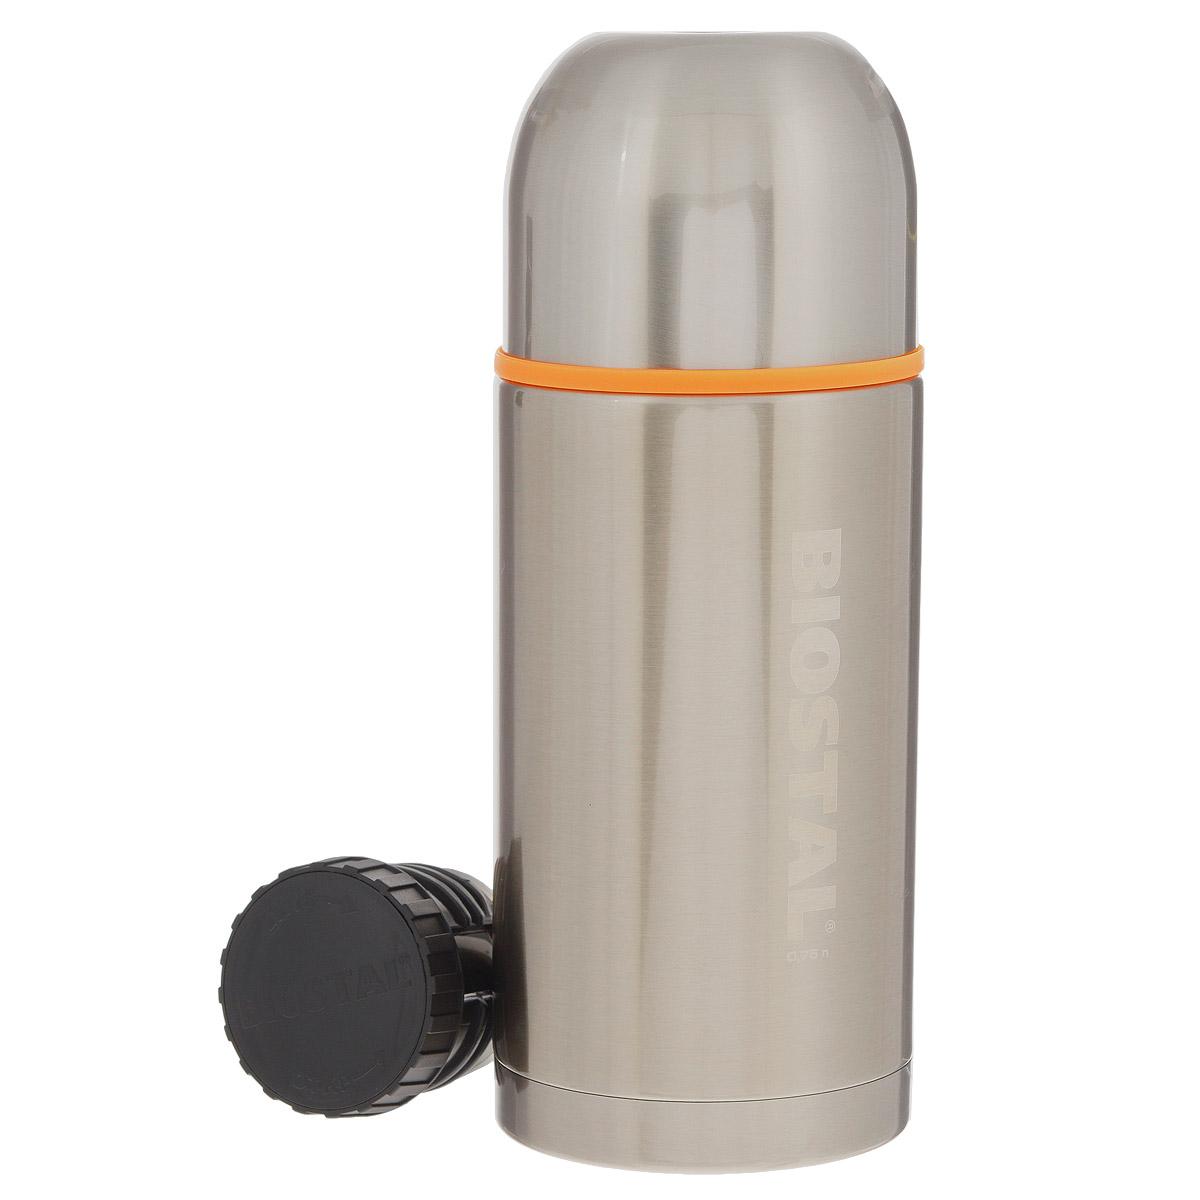 Термос BIOSTAL Спорт, 750 мл. NBP-750VT-1520(SR)Термос с узким горлом BIOSTAL Спорт, изготовленный из высококачественной нержавеющей стали, относится к серии Спорт премиум-класса. Термосы этой серии вобрали в себя самые передовые энергосберегающие технологии и отличаются применением более совершенных термоизоляционных материалов, а также новейшей технологией по откачке вакуума. Корпус покрыт защитным прозрачным лаком. Термос предназначен для хранения горячих и холодных напитков (чая, кофе) и укомплектован двумя пробками: пробка без кнопки надежна, проста в использовании и позволяет дольше сохранять тепло благодаря дополнительной теплоизоляции, пробка с кнопкой удобна в использовании и позволяет, не отвинчивая ее, наливать напитки после простого нажатия. Изделие также оснащено крышкой-чашкой и дополнительной пластиковой чашкой. Легкий и прочный термос BIOSTAL Спорт сохранит ваши напитки горячими или холодными надолго.